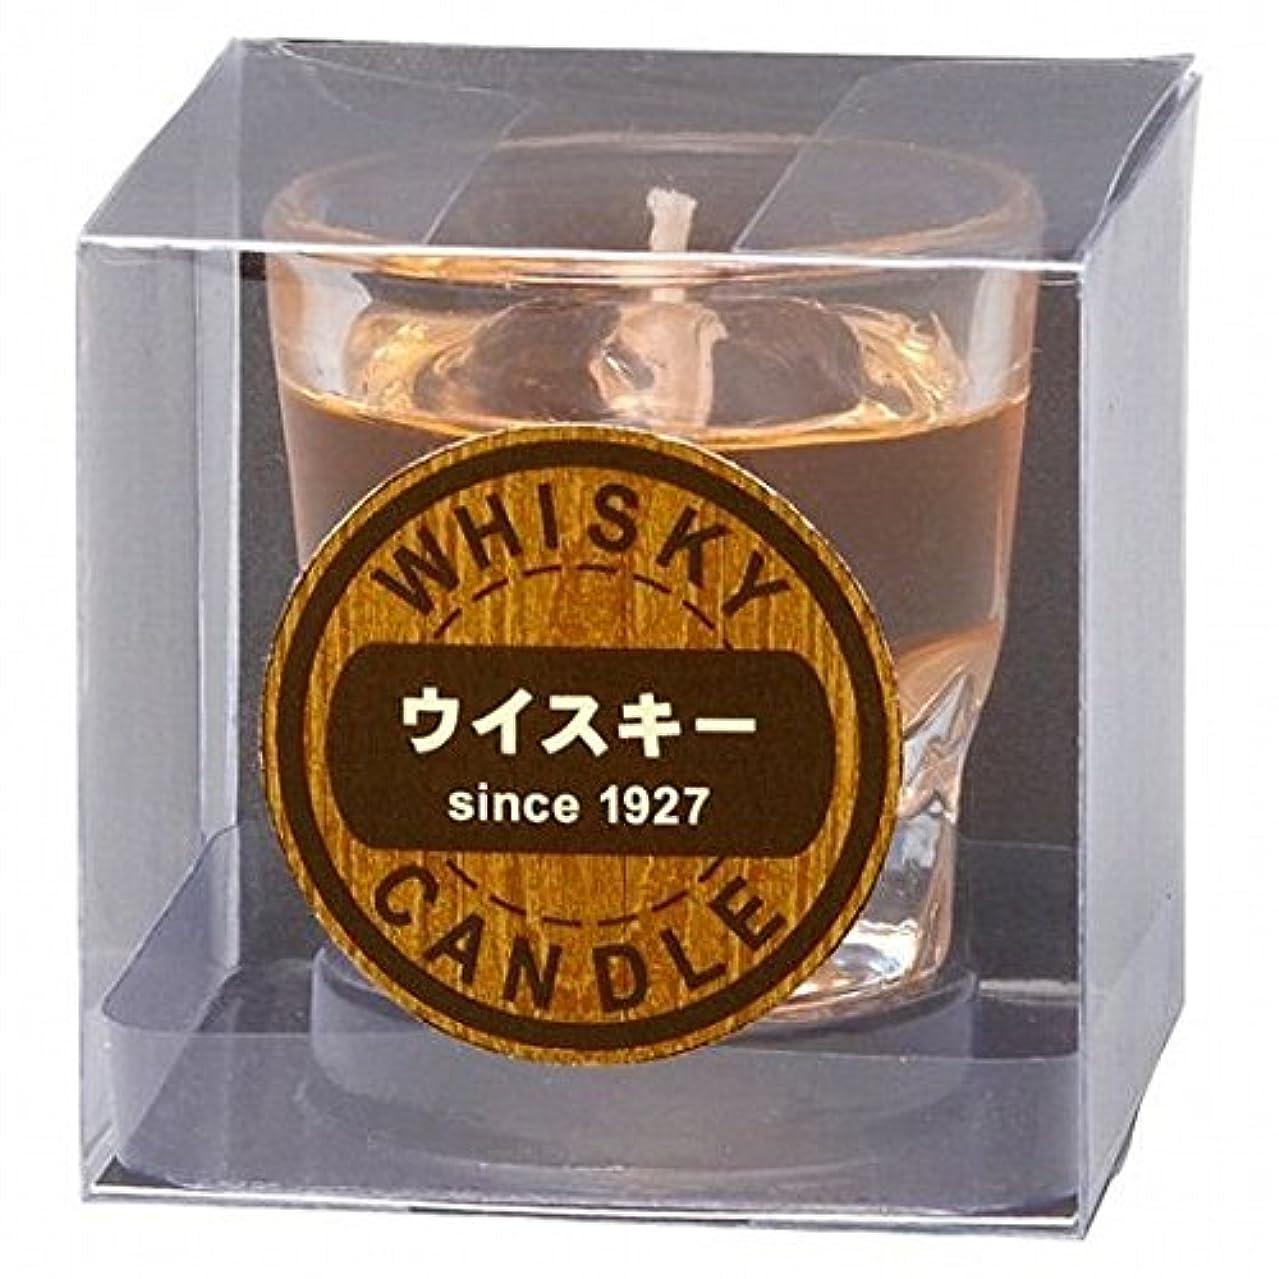 吸う会計士町kameyama candle(カメヤマキャンドル) ウイスキーロックキャンドル(86170000)